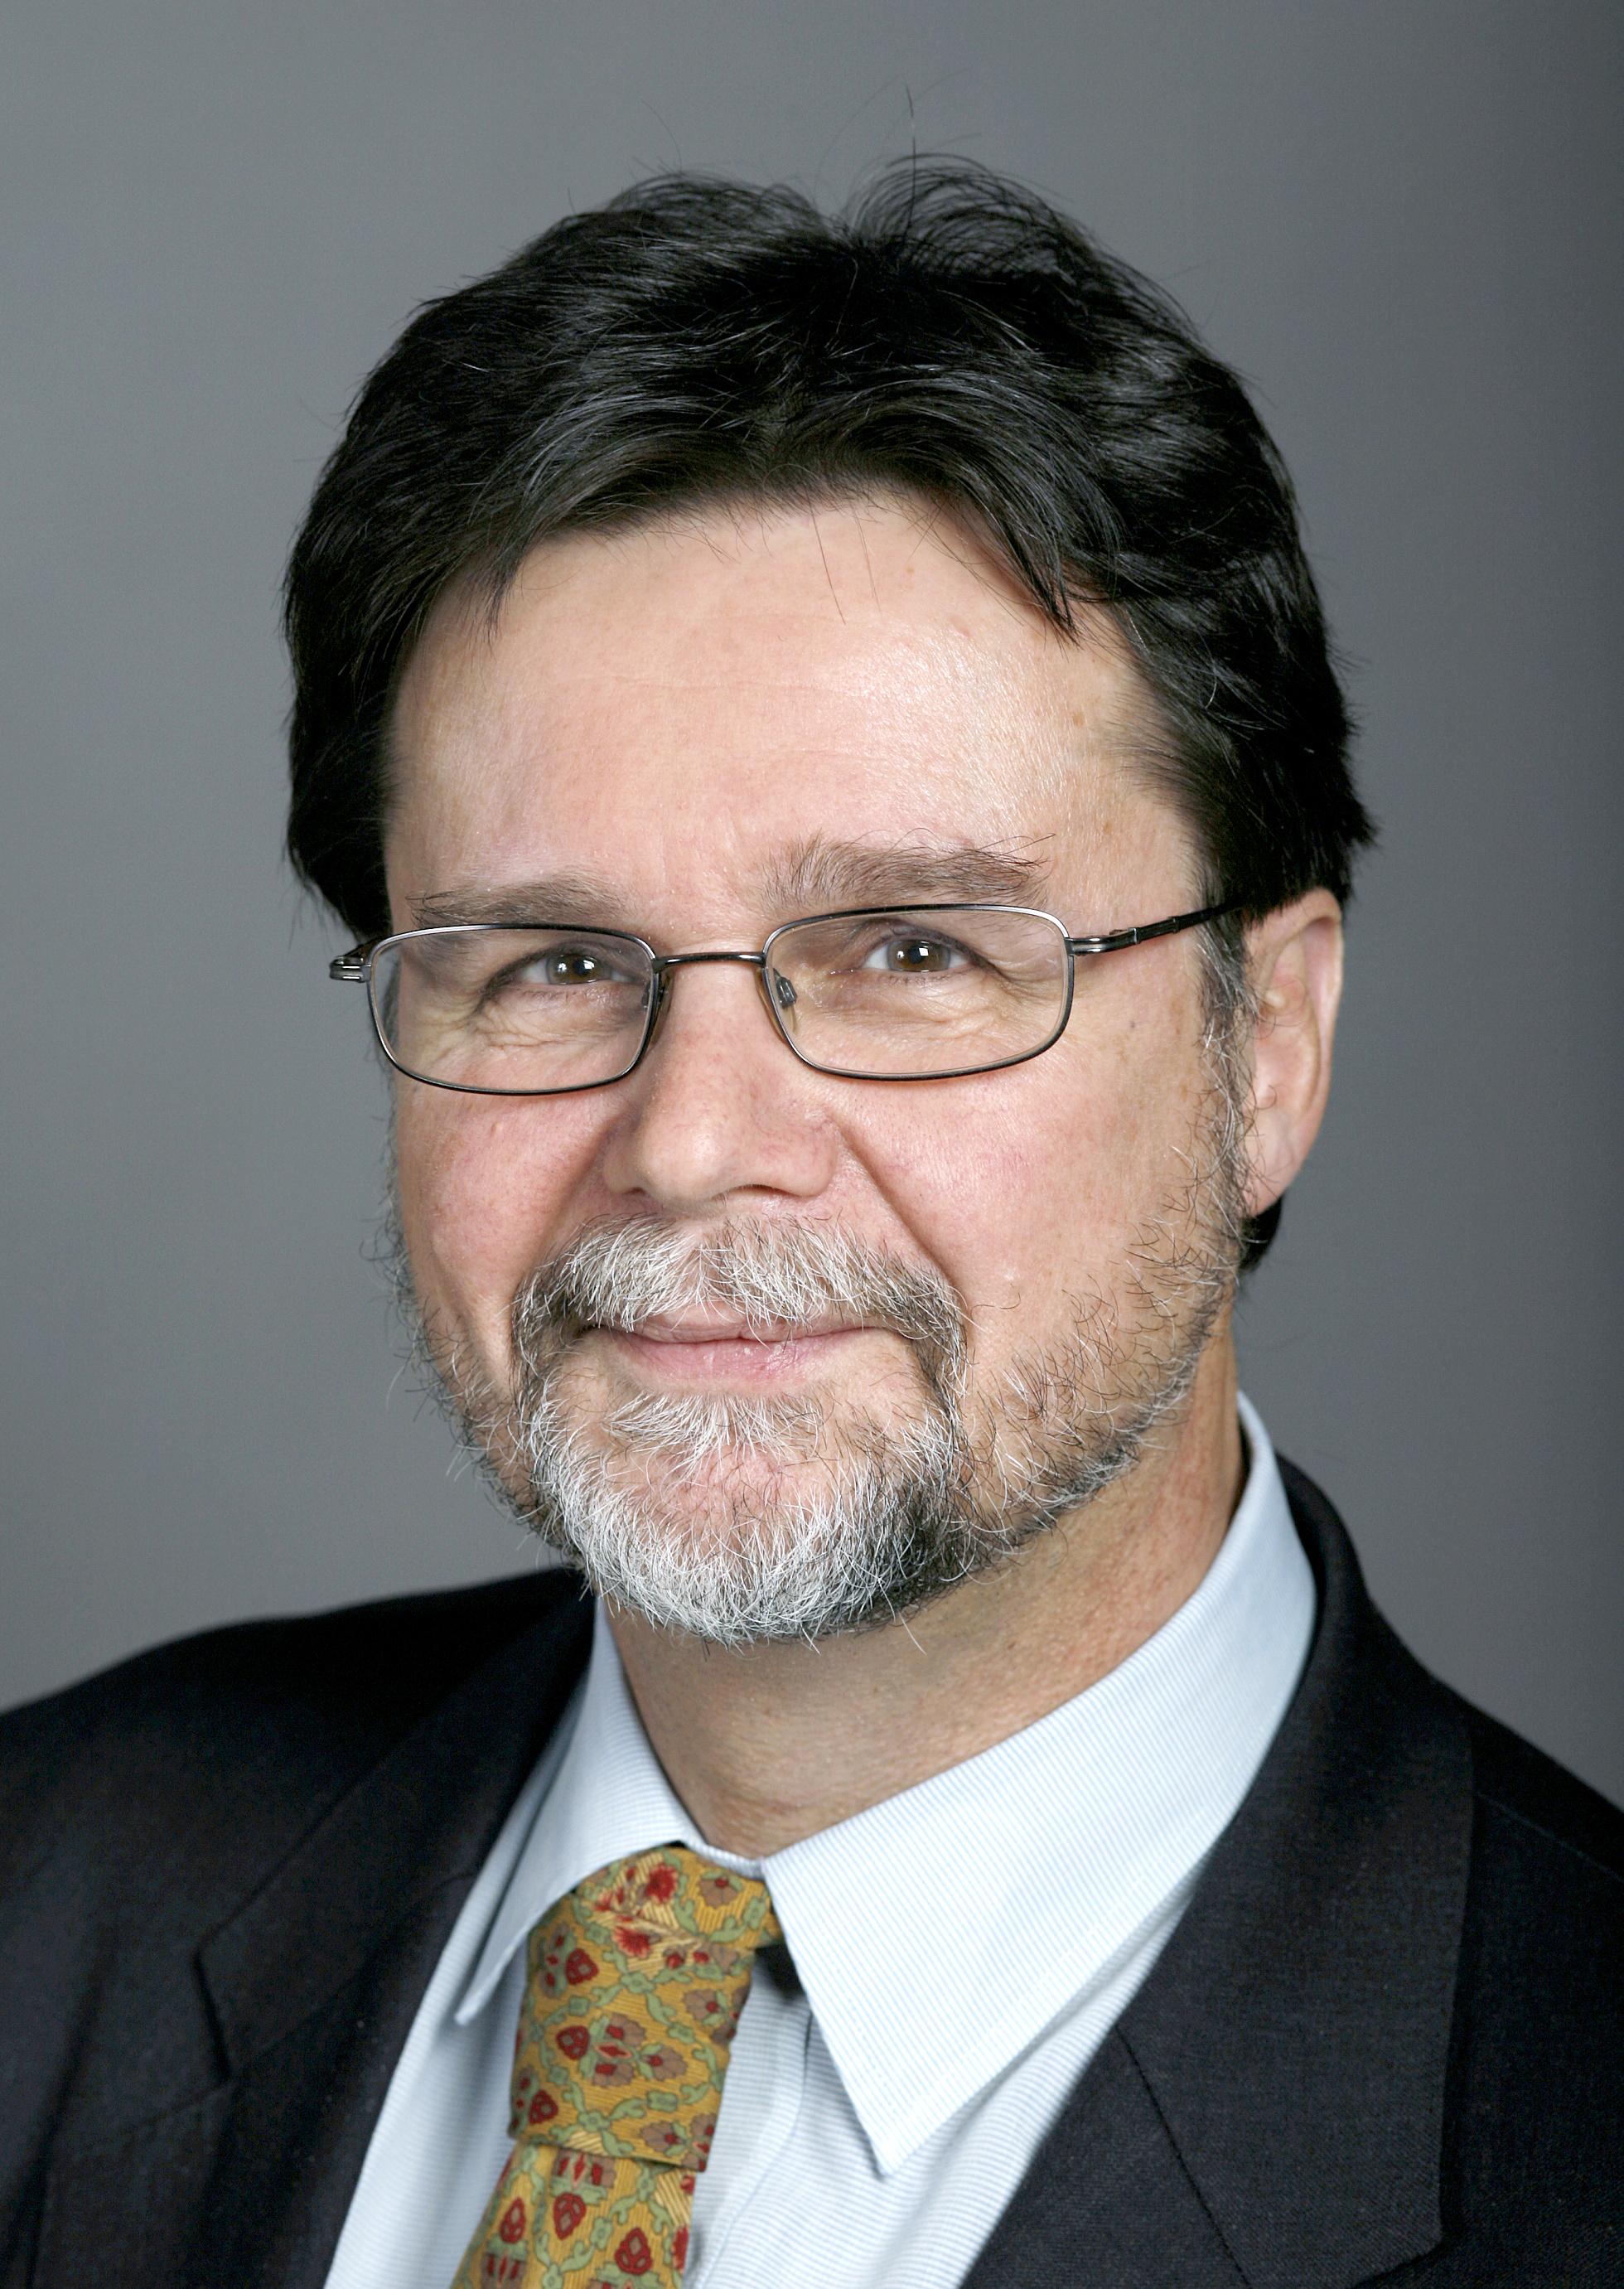 Robert Cramer Net Worth